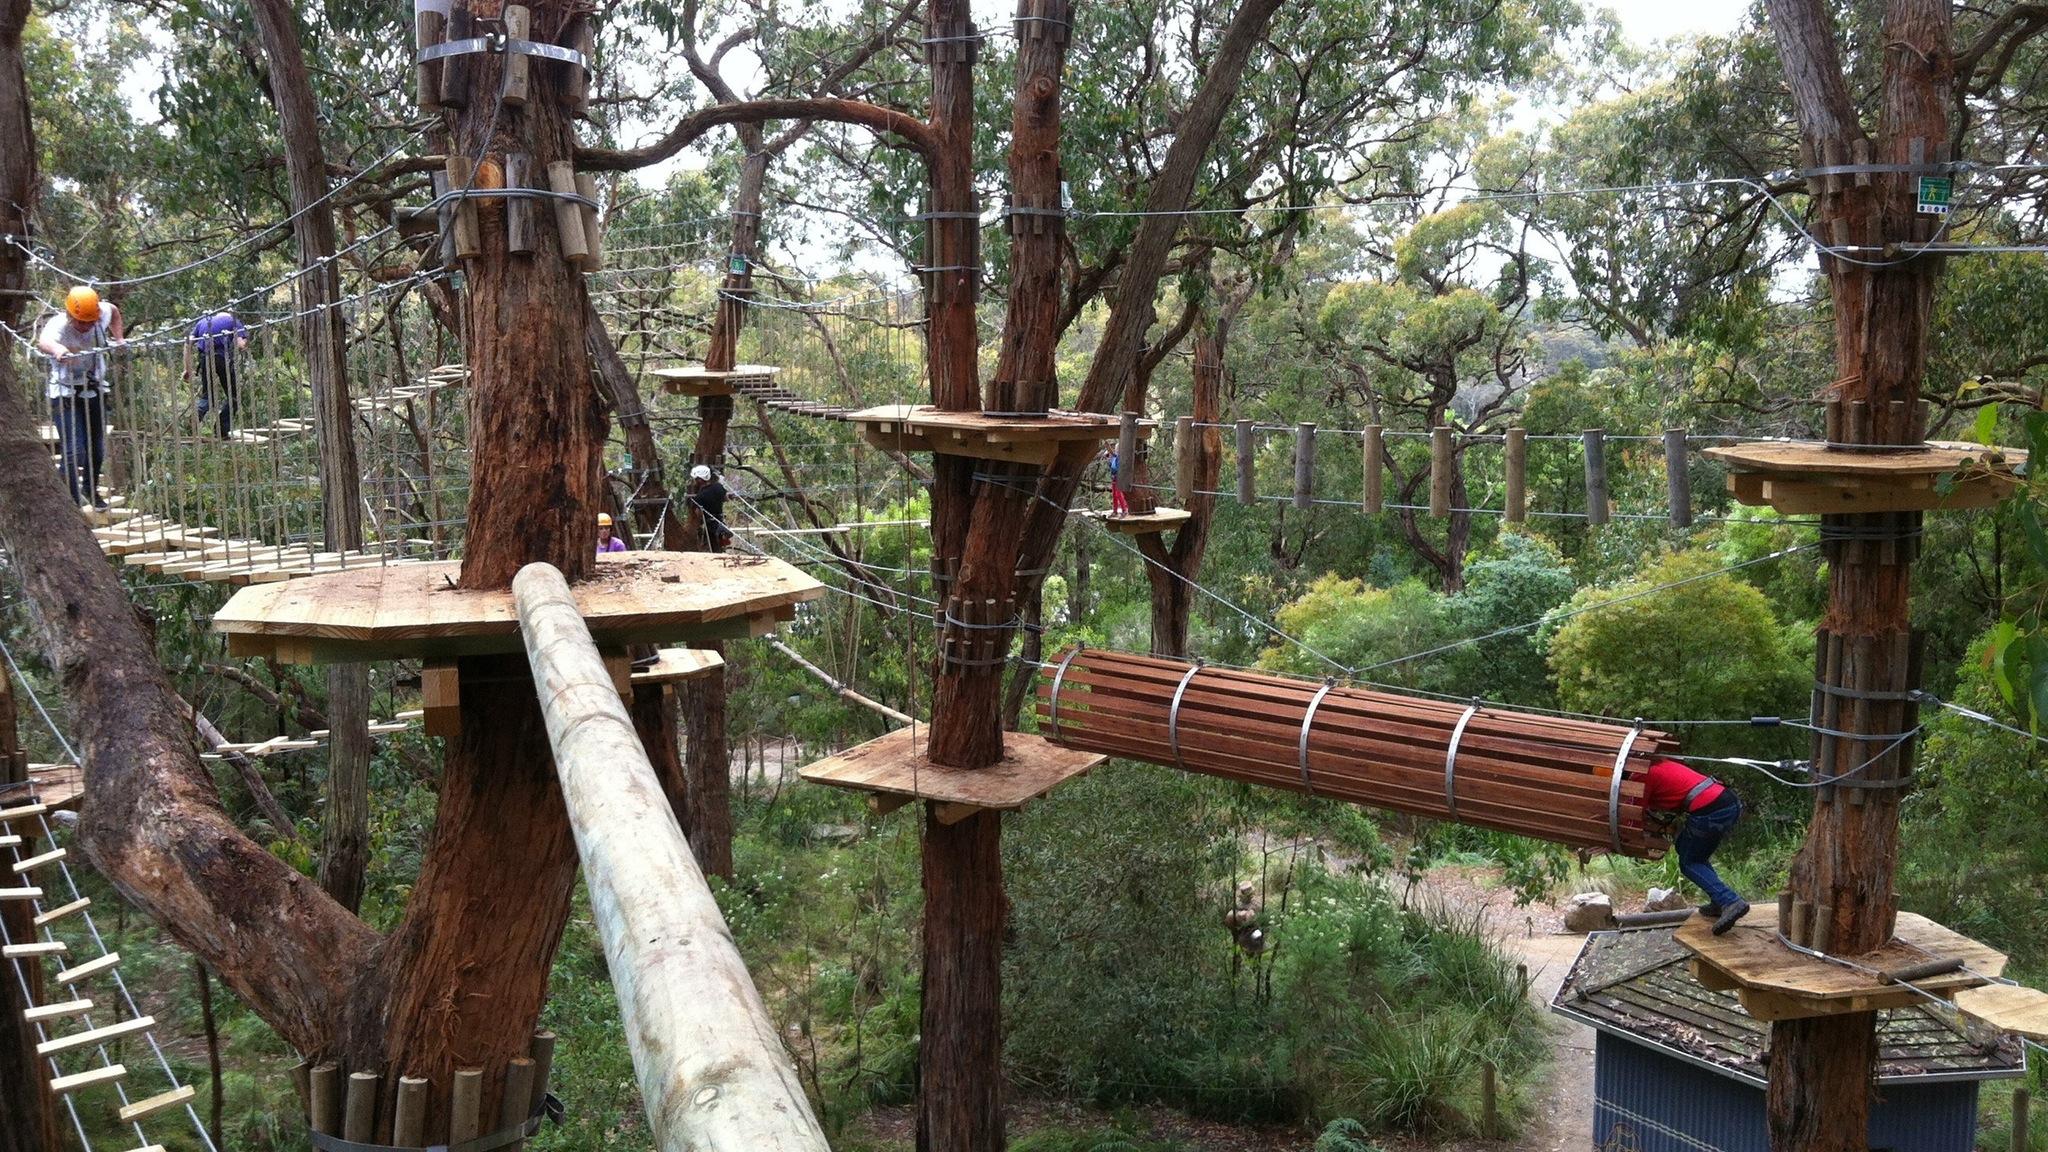 Enchanted Garden: The Enchanted Adventure Garden, Attraction, Mornington